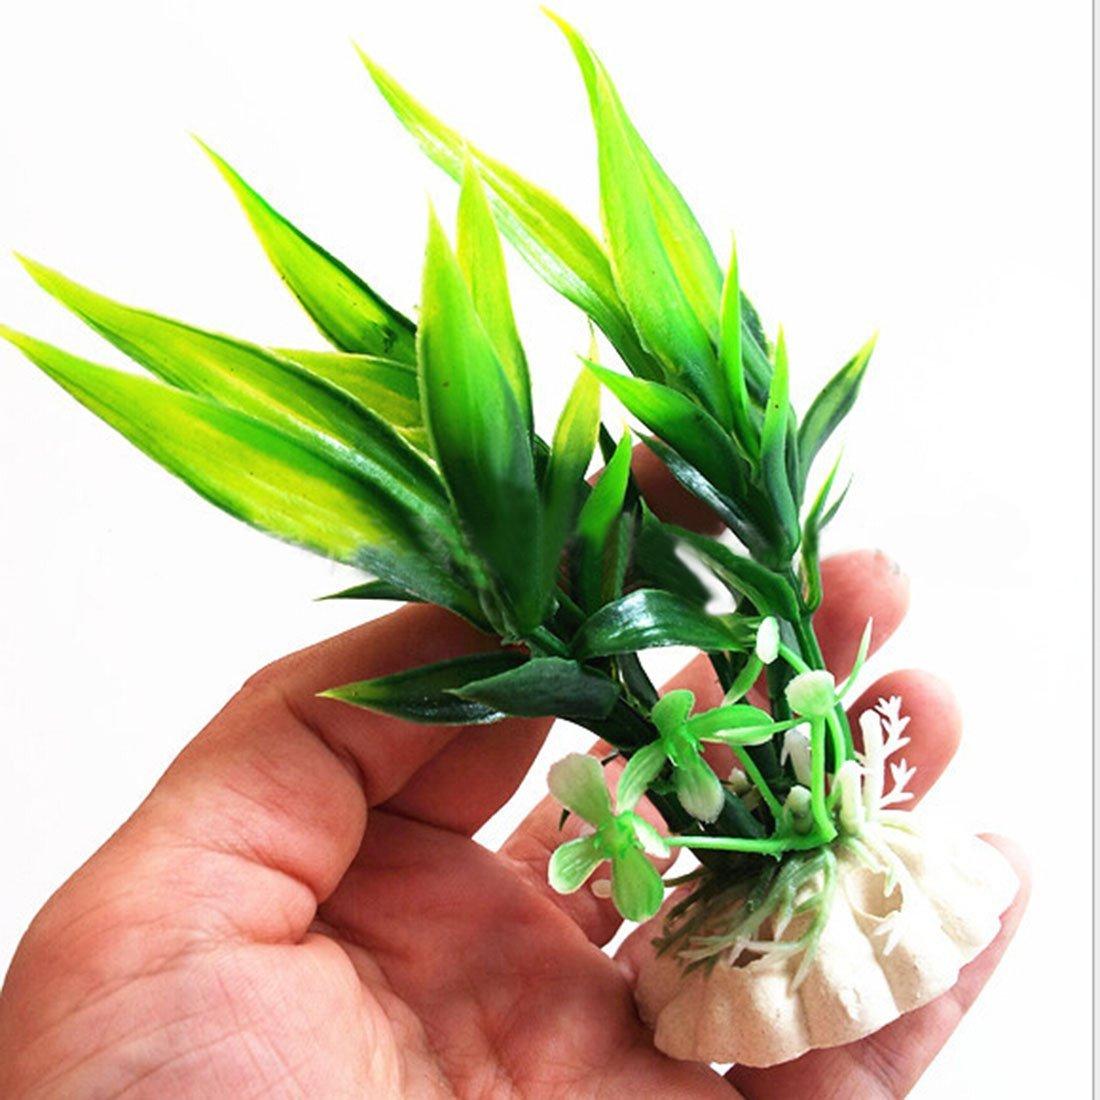 Luwu-Store Plantes artificielles en Plastique Compatible pour Aquarium Fiah Tank Ornements décoration-Vert SHOMLU4466